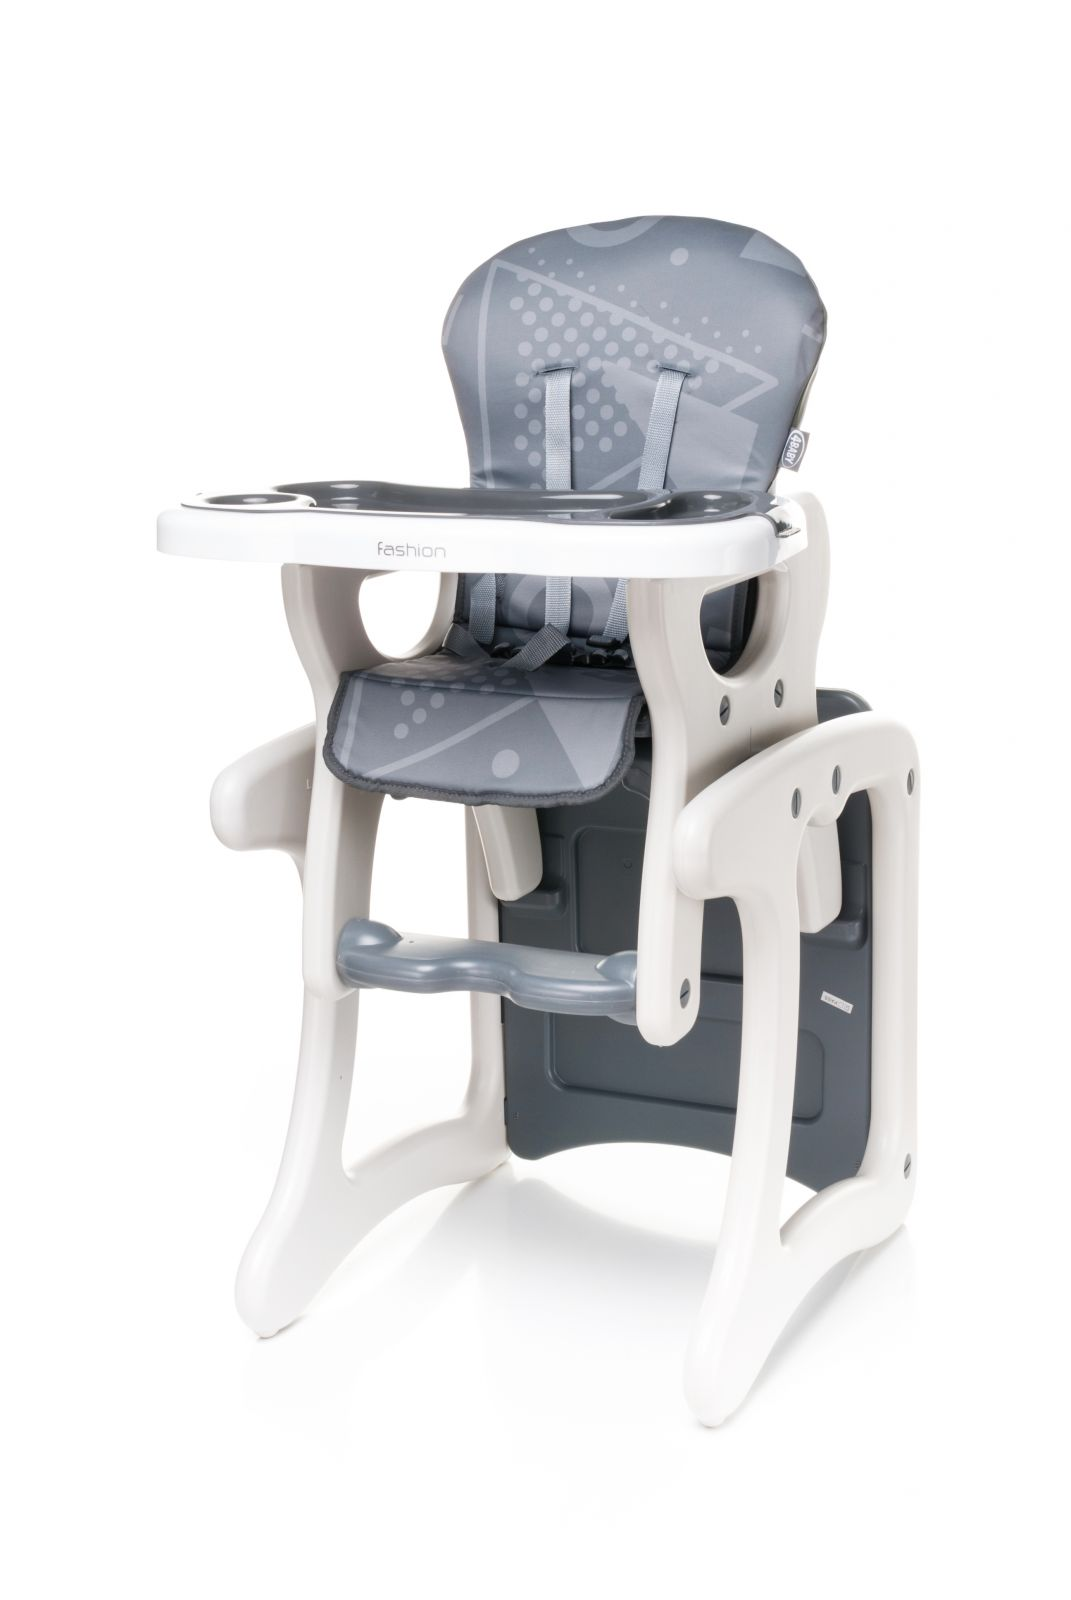 Jídelní židlička 4baby Fashion (2v1 - židlička + stoleček) Grey